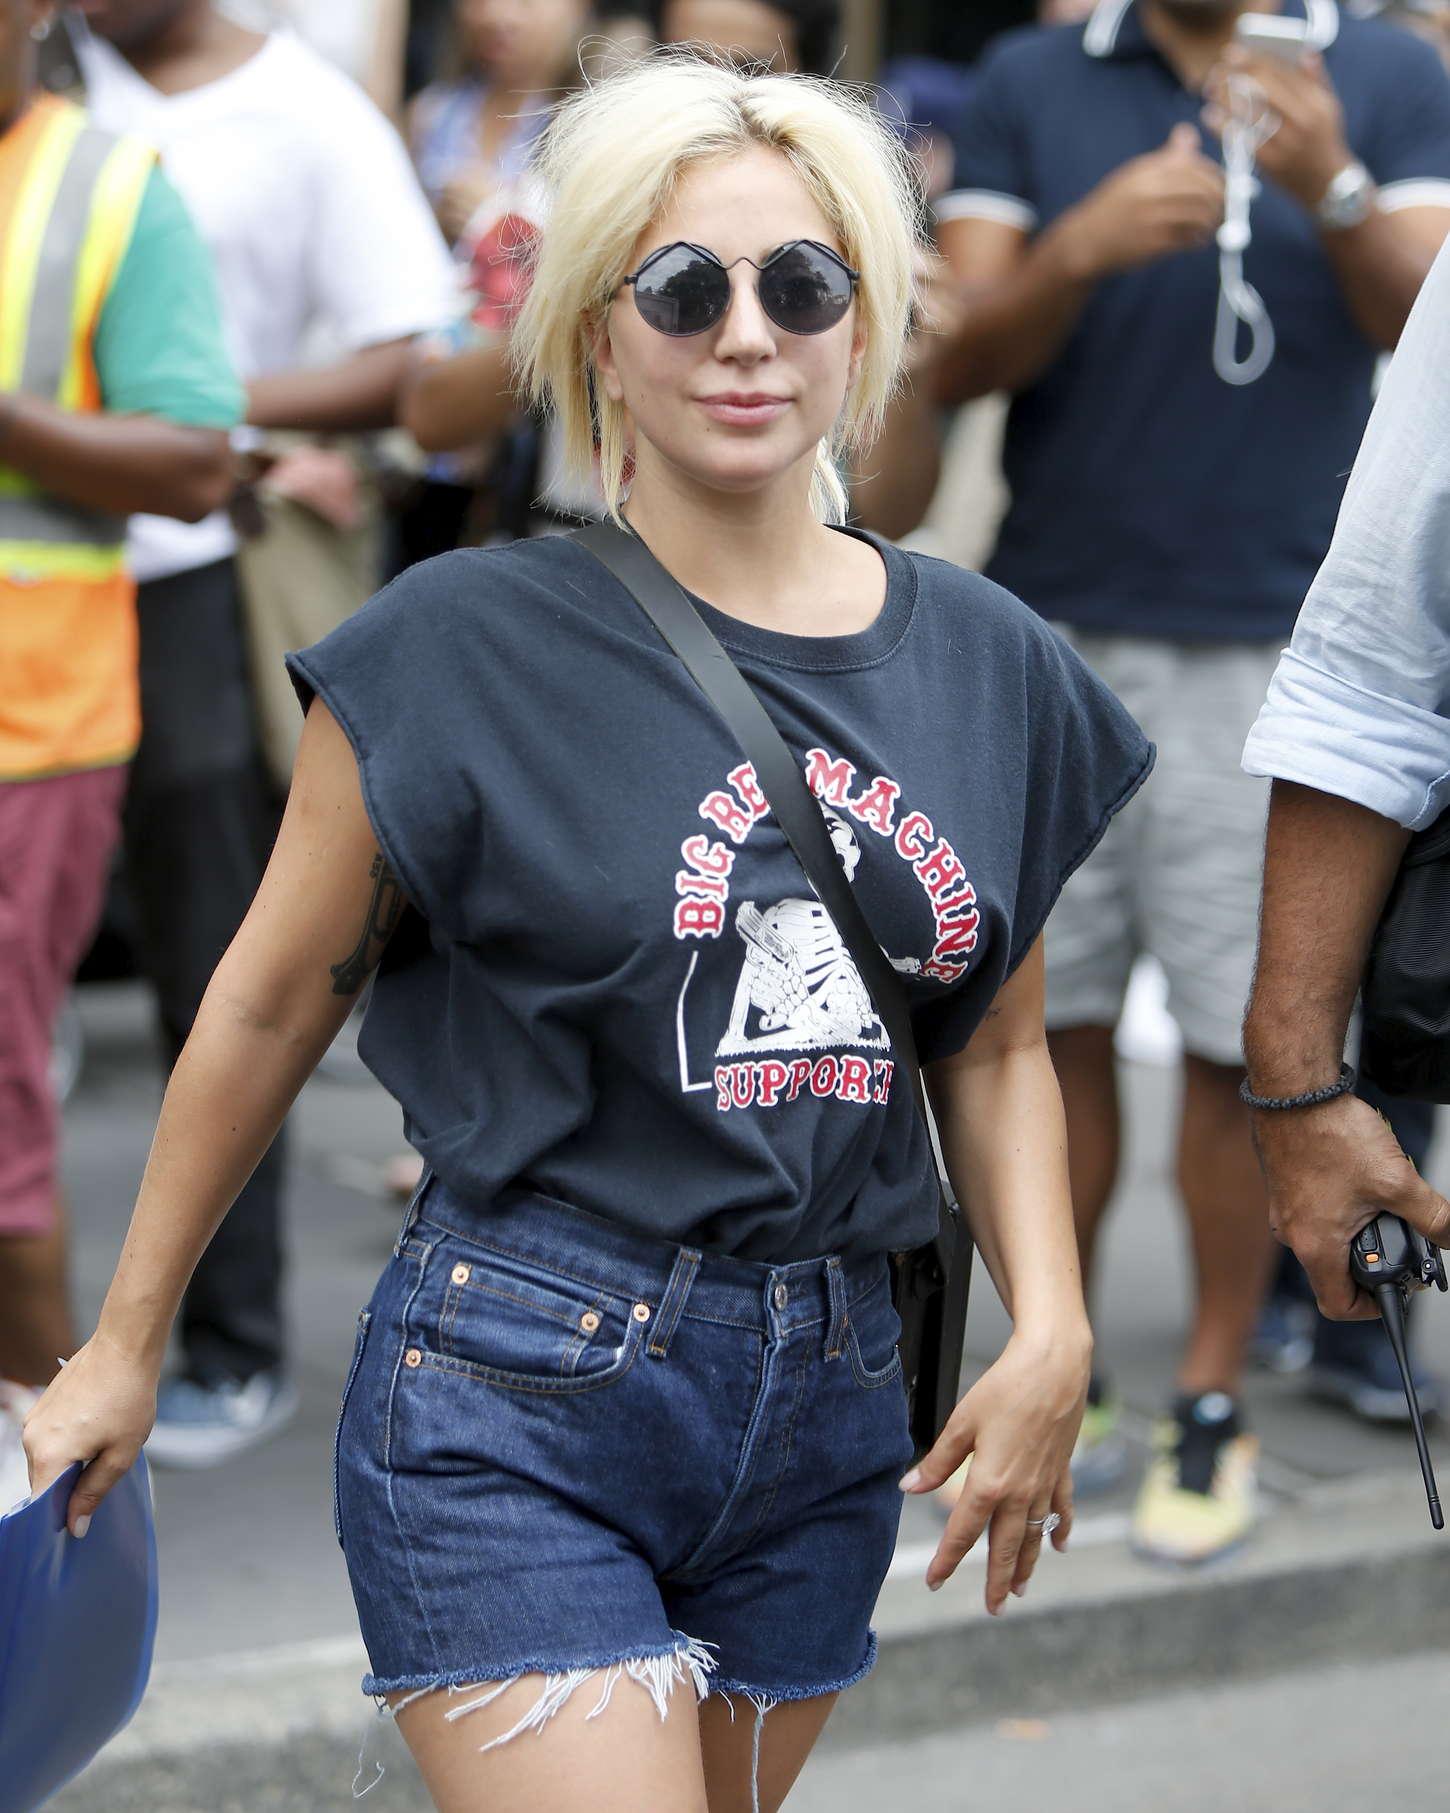 Lady Gaga In Denim Shorts -08 - GotCeleb